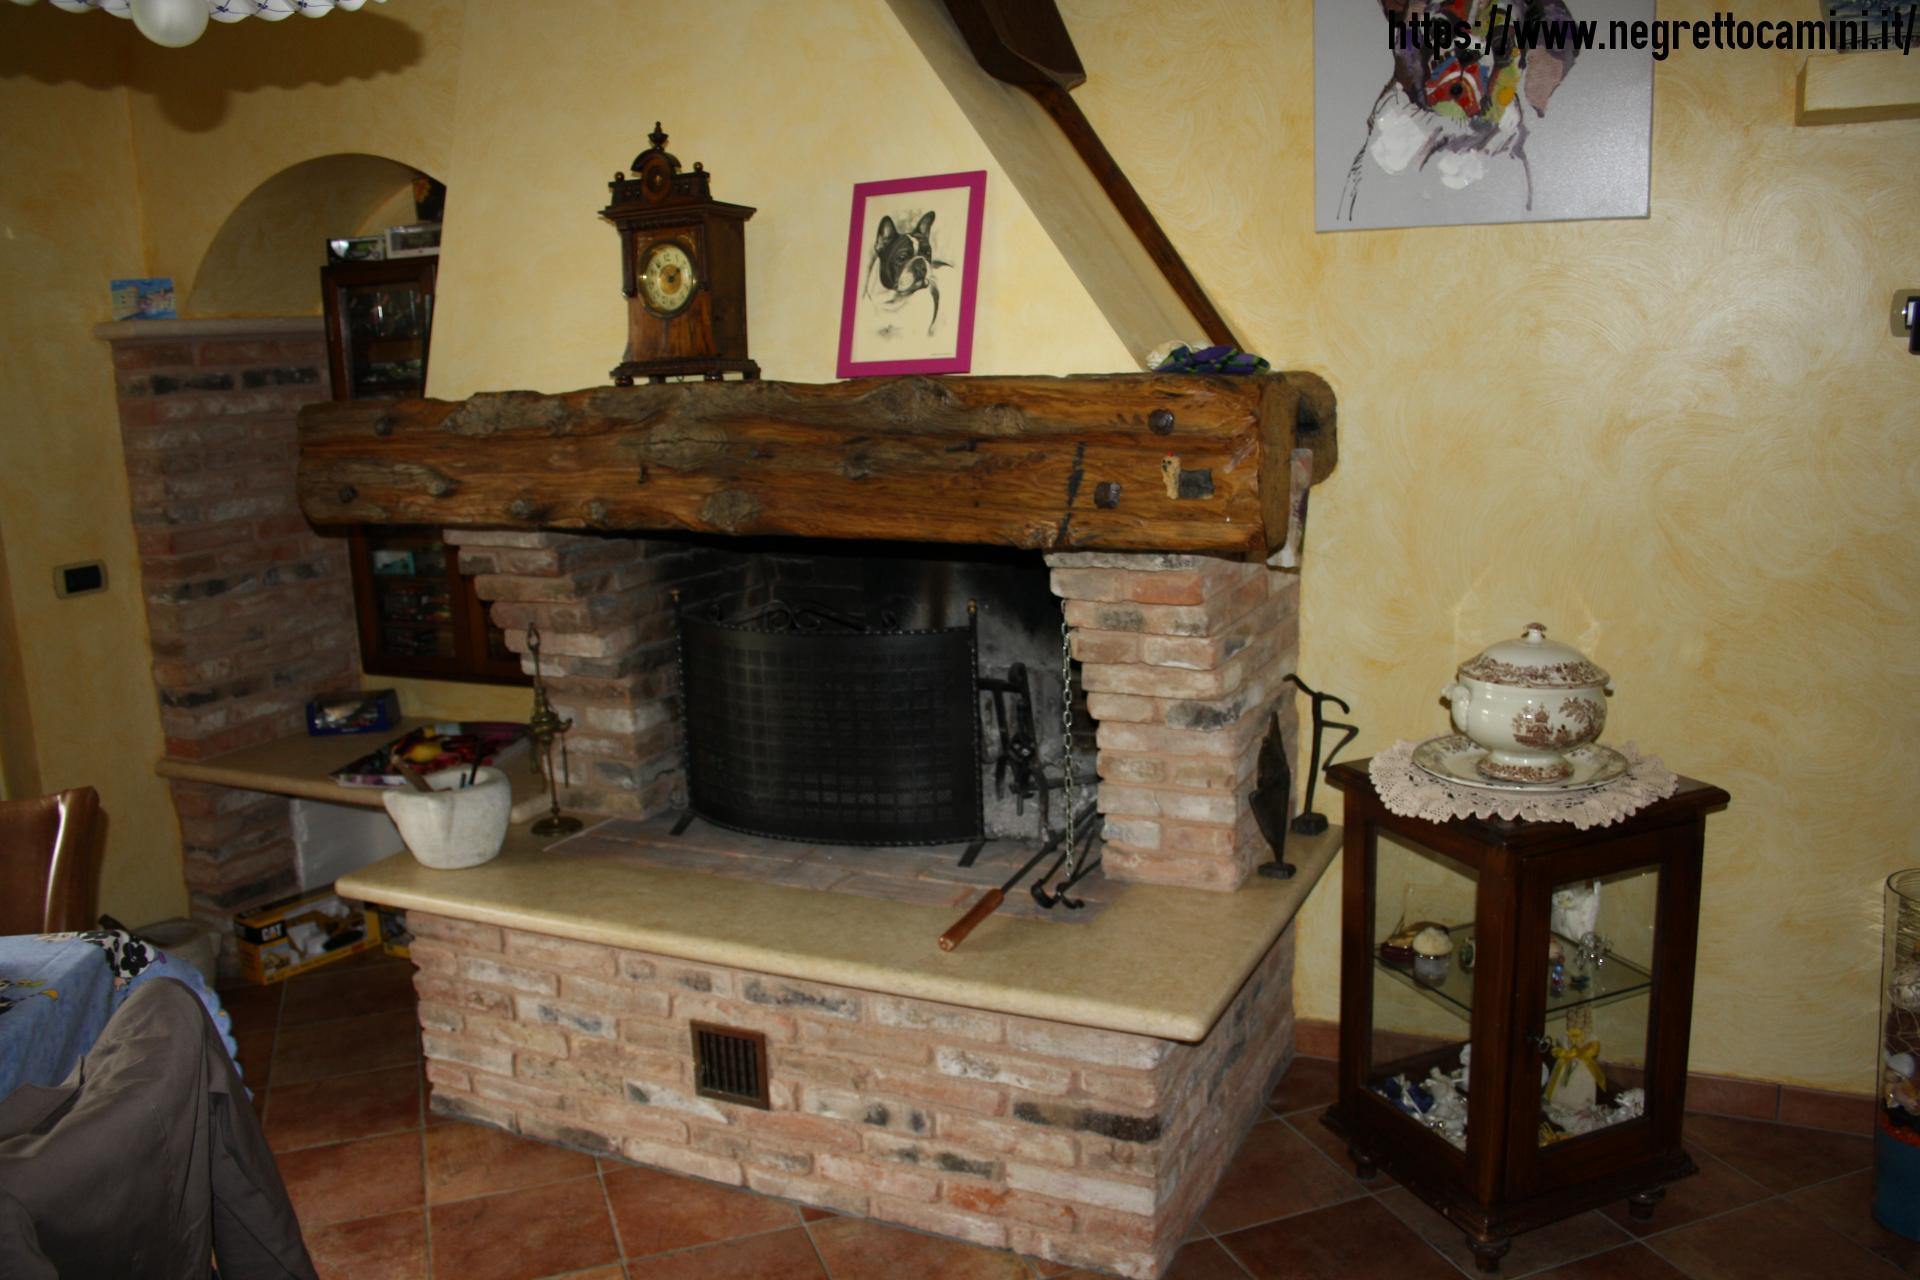 Camino rustico da taverna negretto camini d 39 autore for Camini in legno